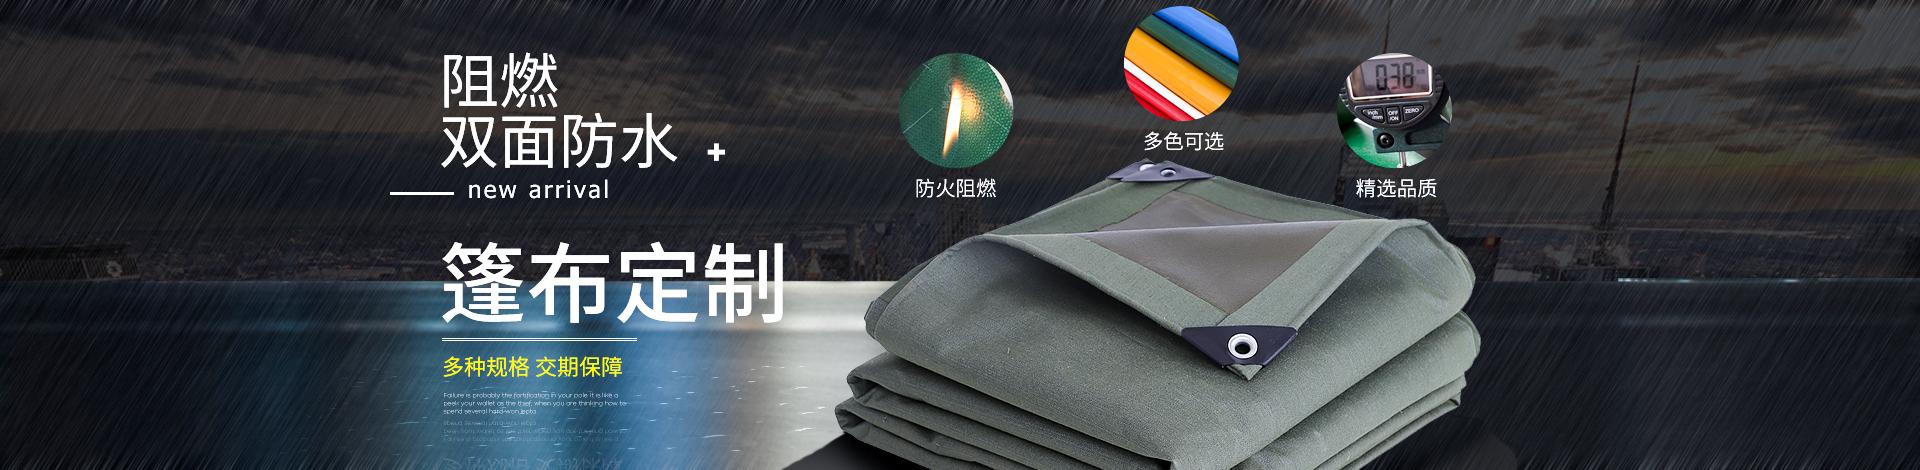 北京五环精诚帐篷有限责任公司